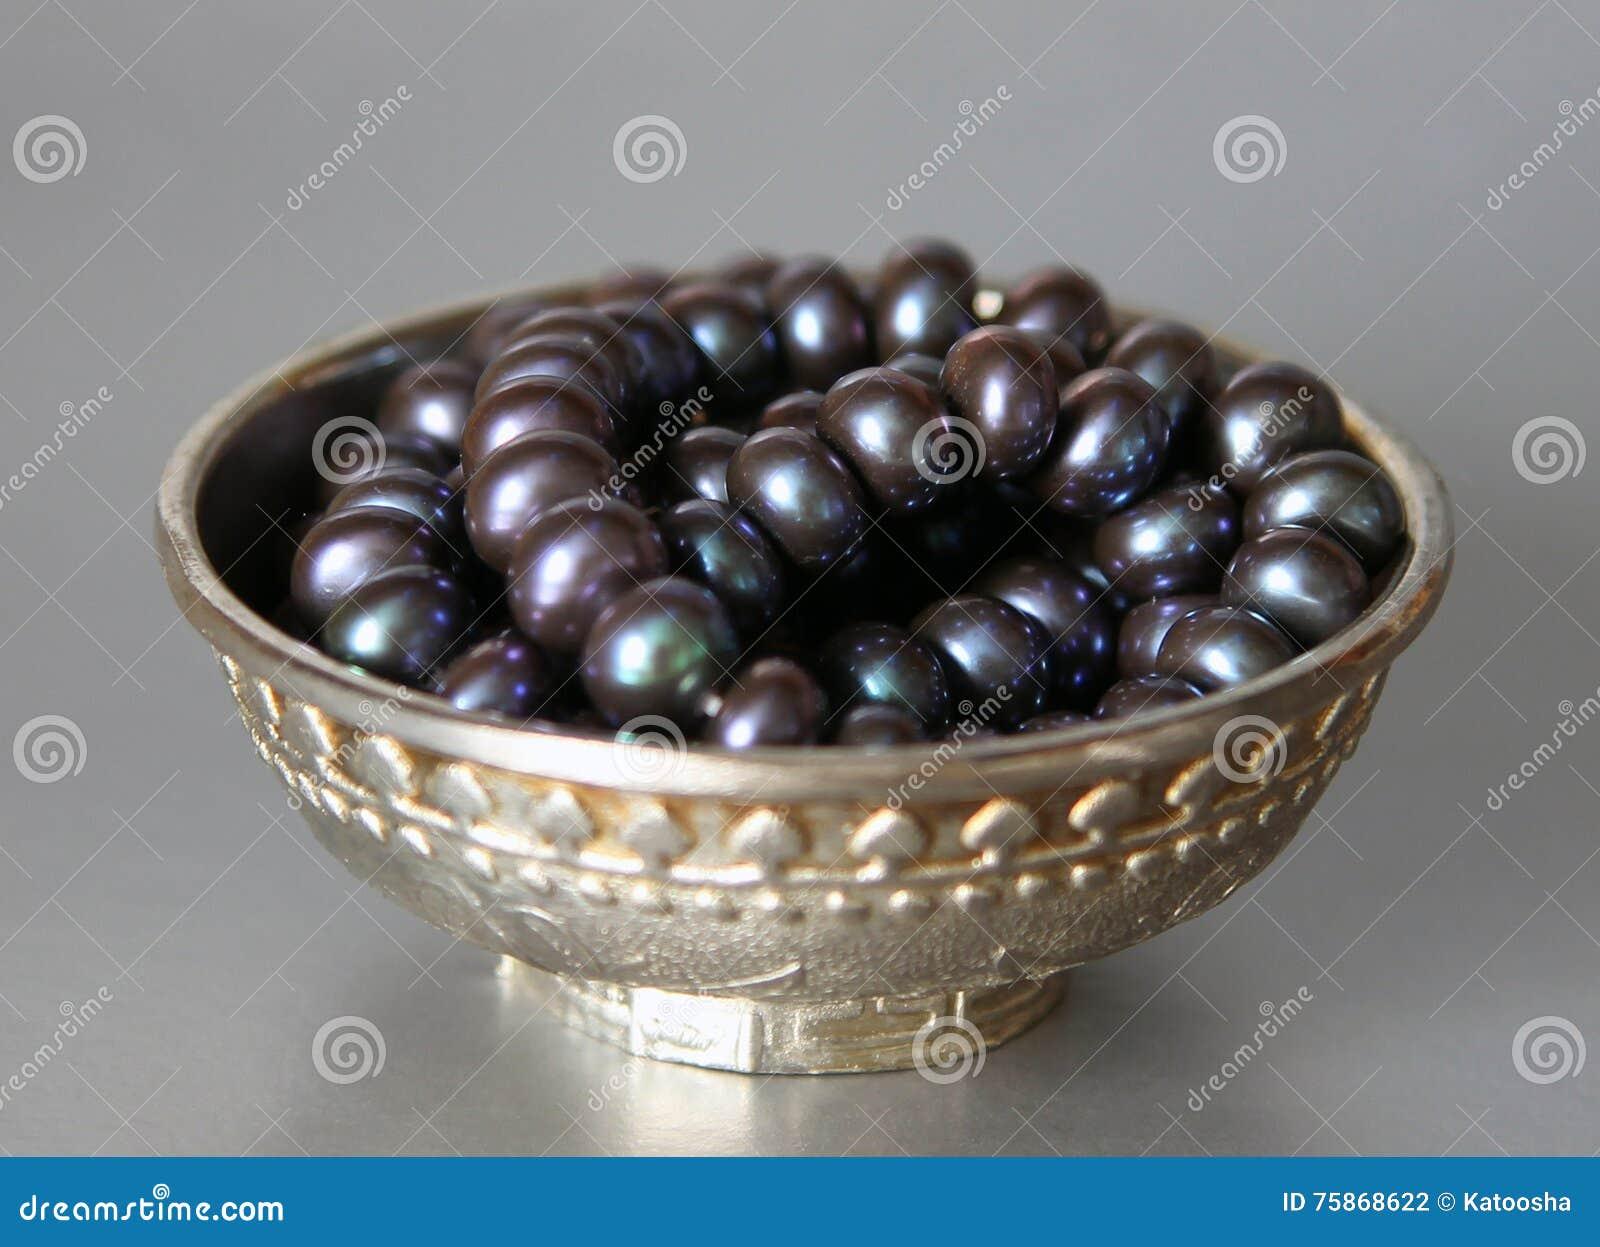 有黑珍珠的银色杯子